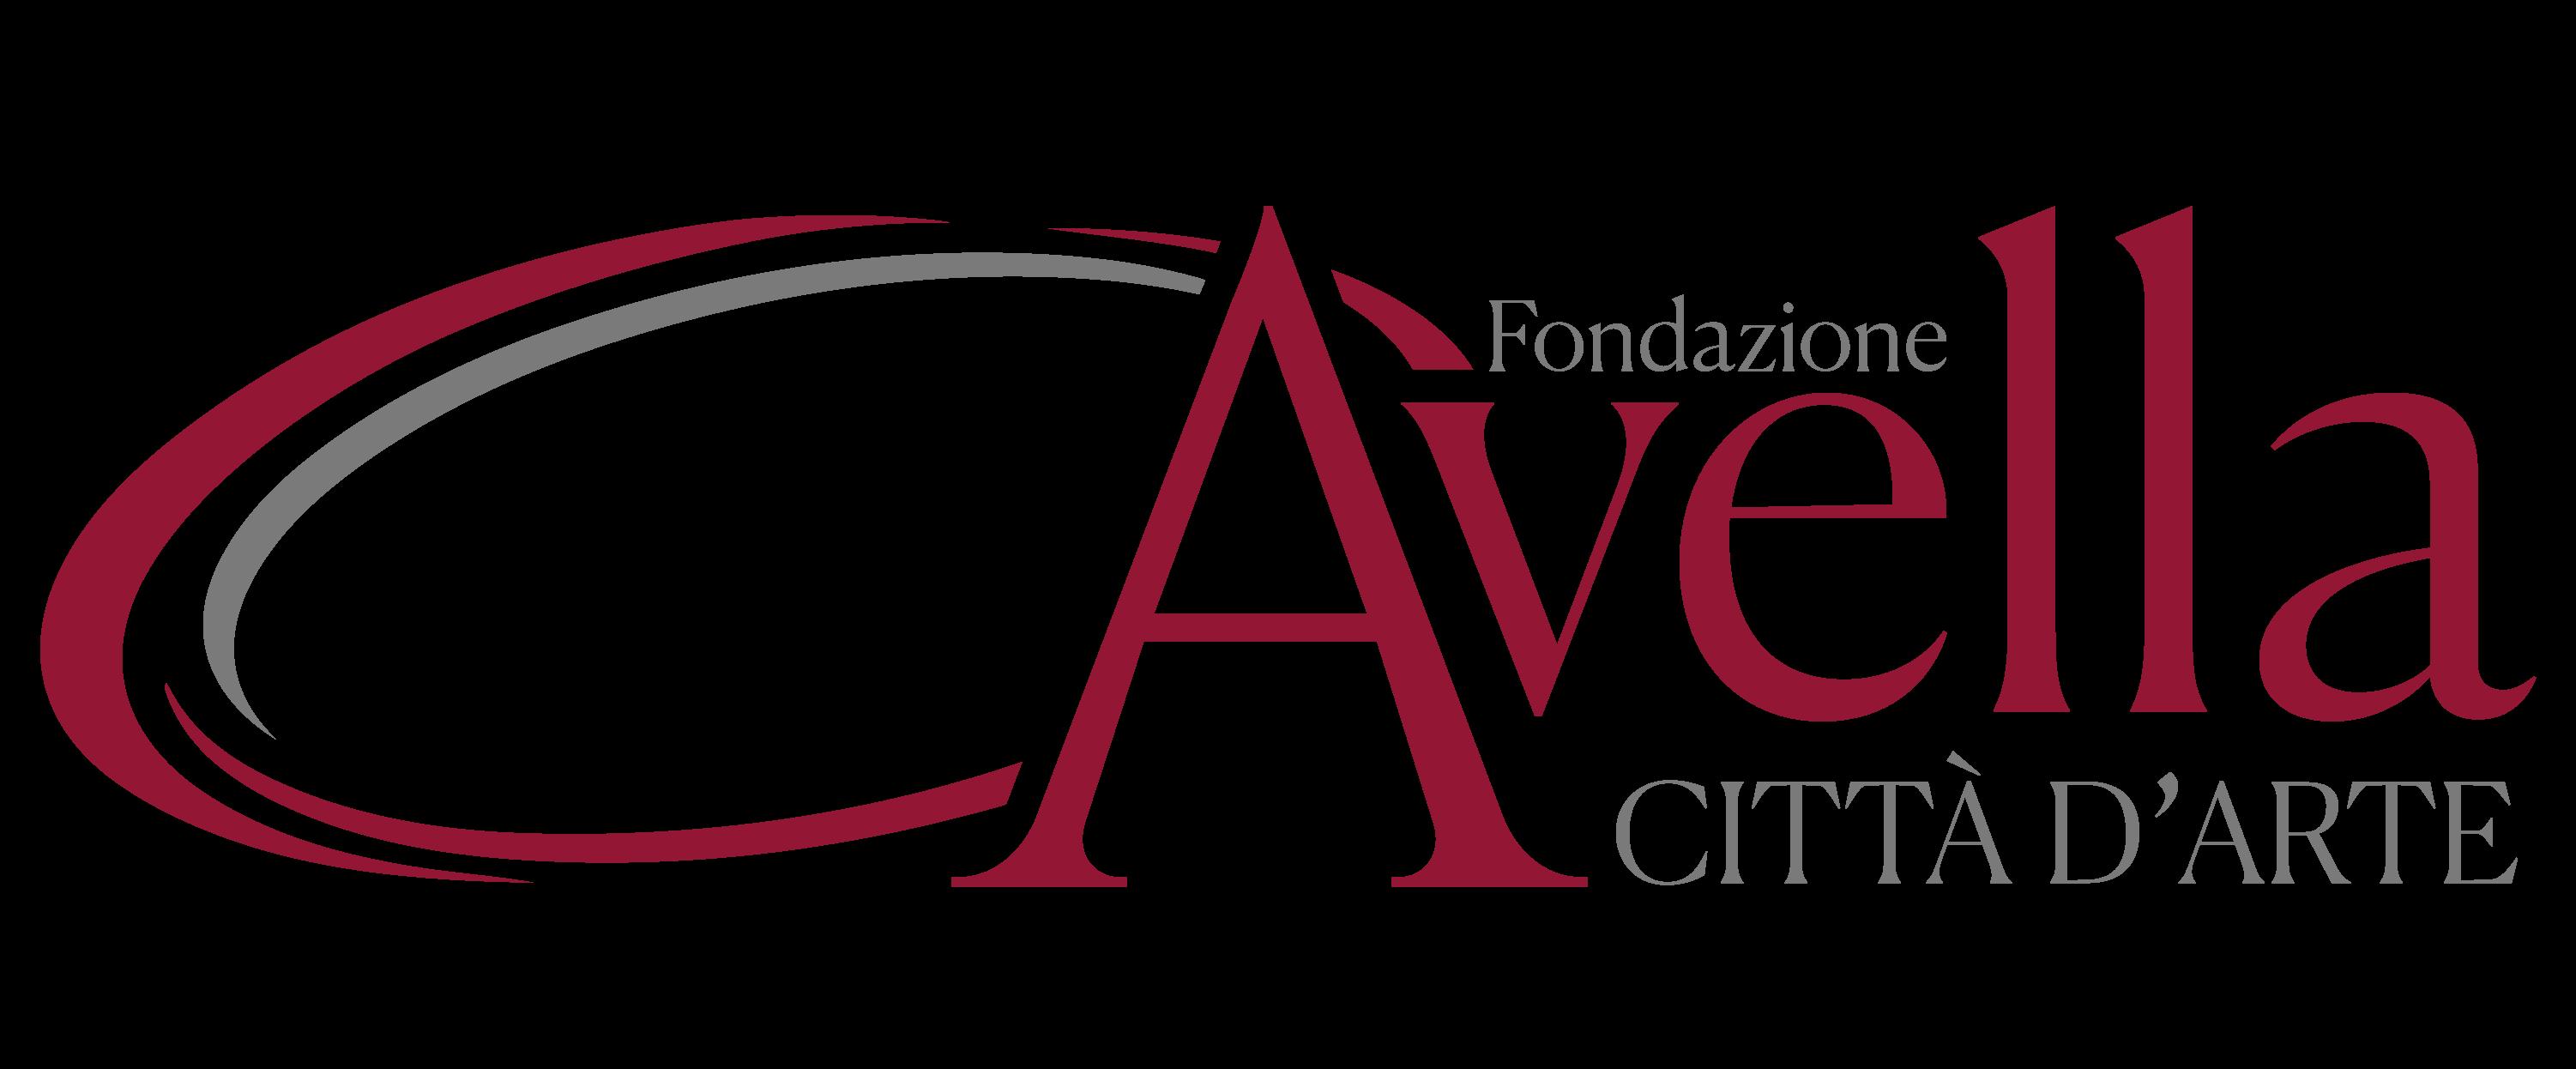 La Fondazione Avella Città d'Arte e la Eureka Sistemi ed Automazione Srl stringono un rapporto di collaborazione